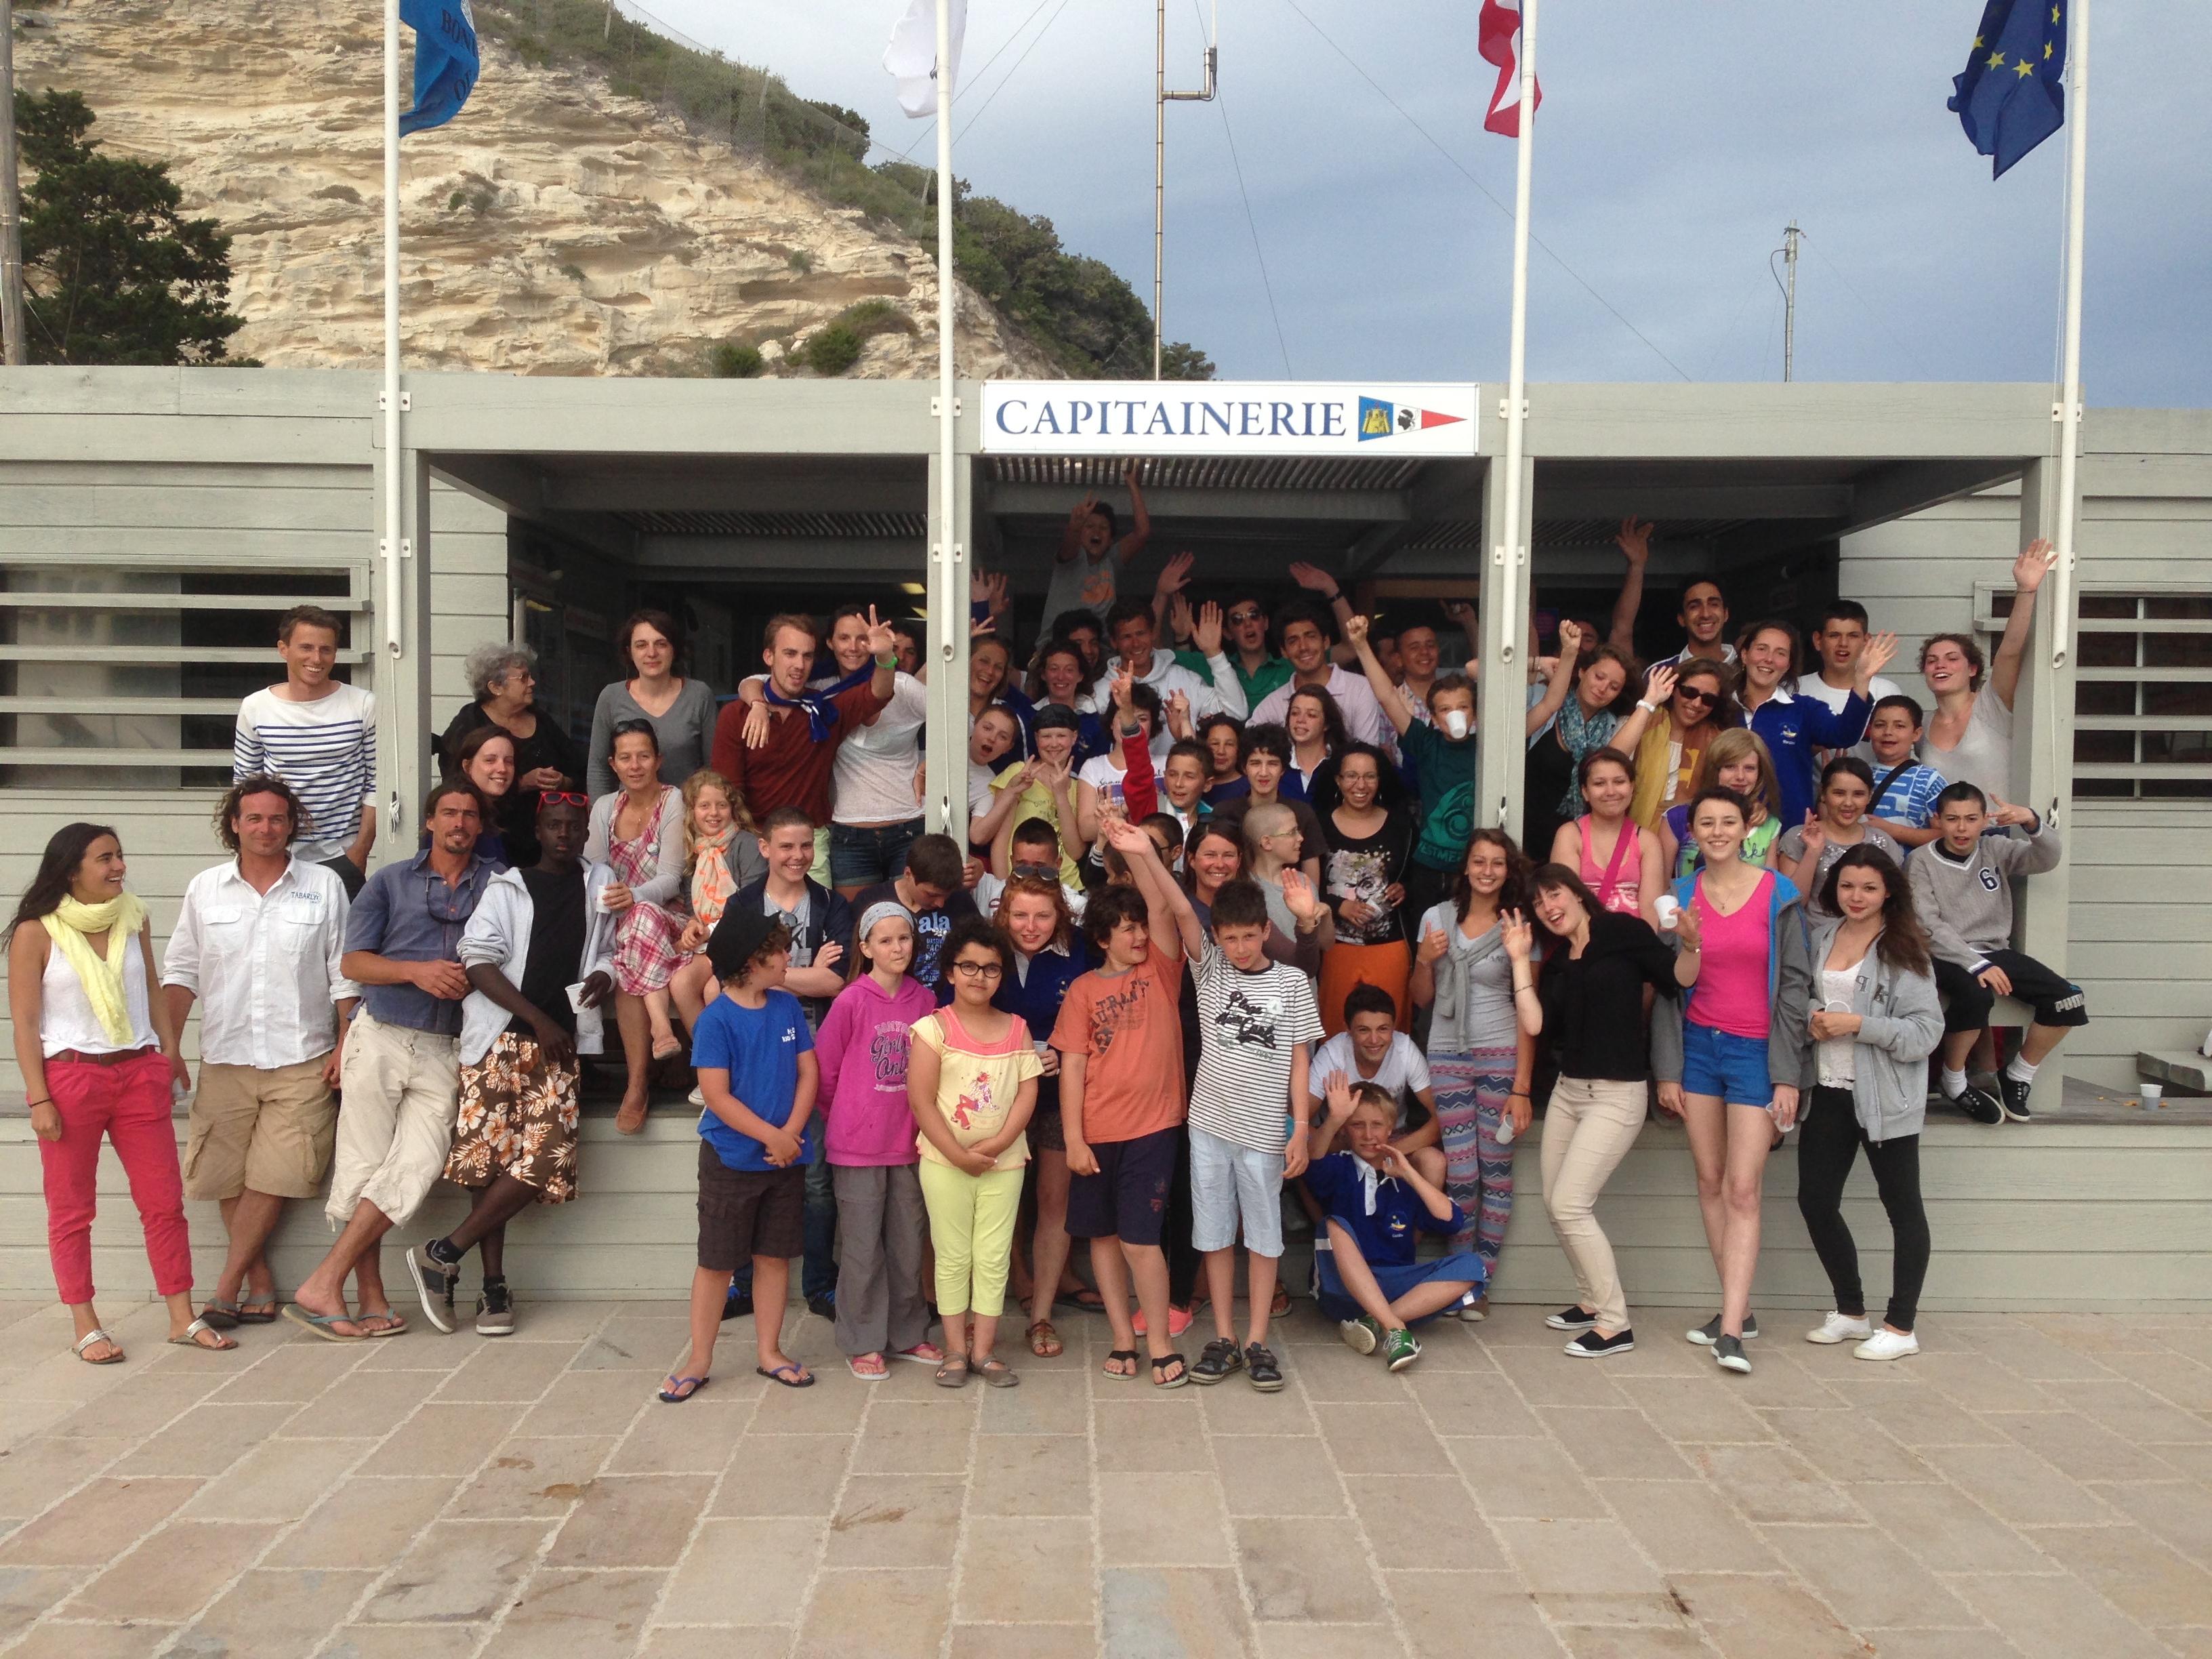 Rêve d'enfance, 10 jours de périple autour de l'Île de beauté pour 35 moussaillons !